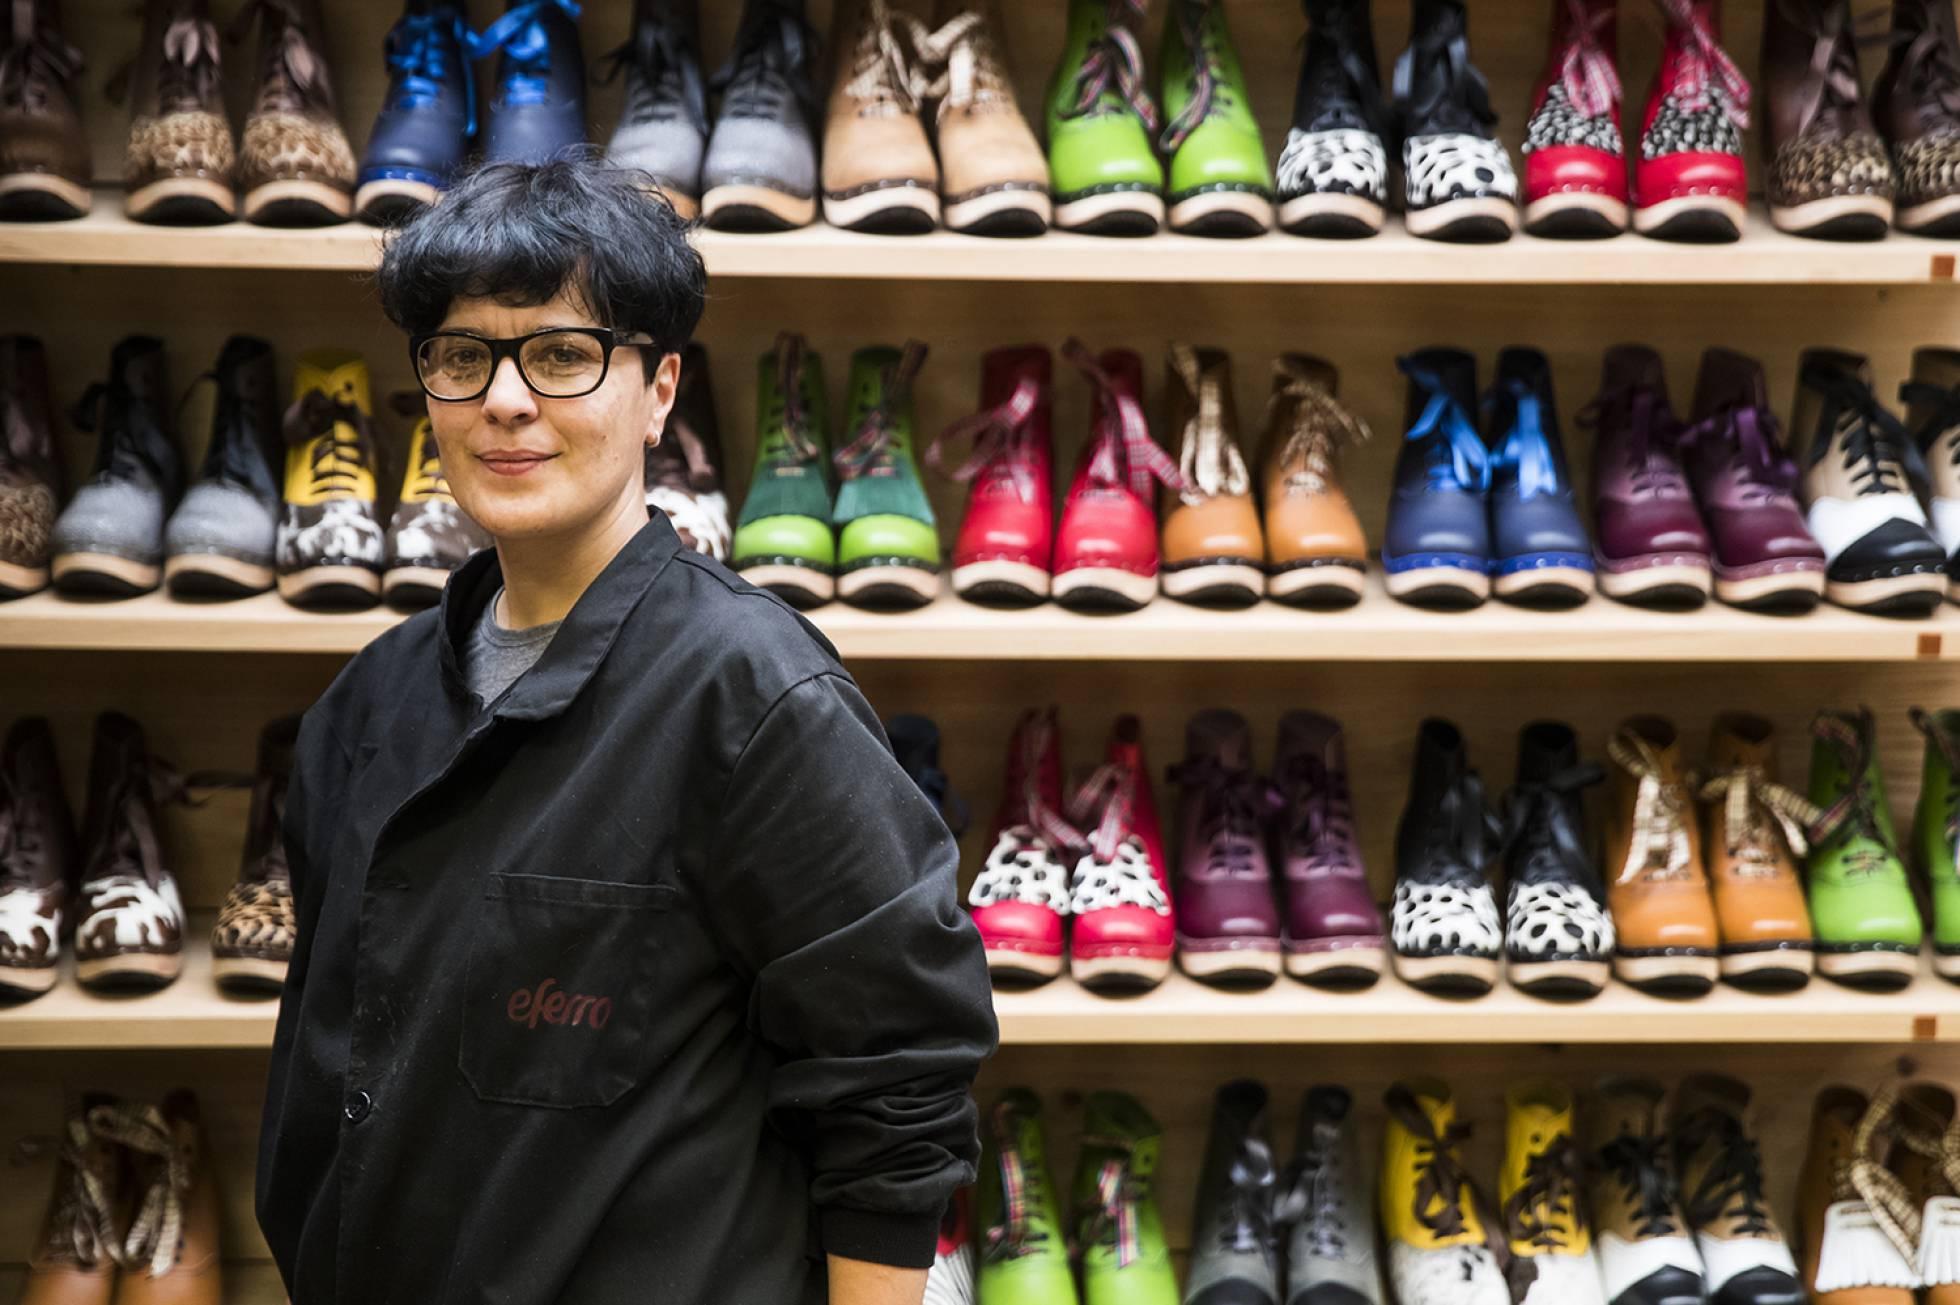 Испанская ремесленница превратила крестьянские ботинки в модную обувь